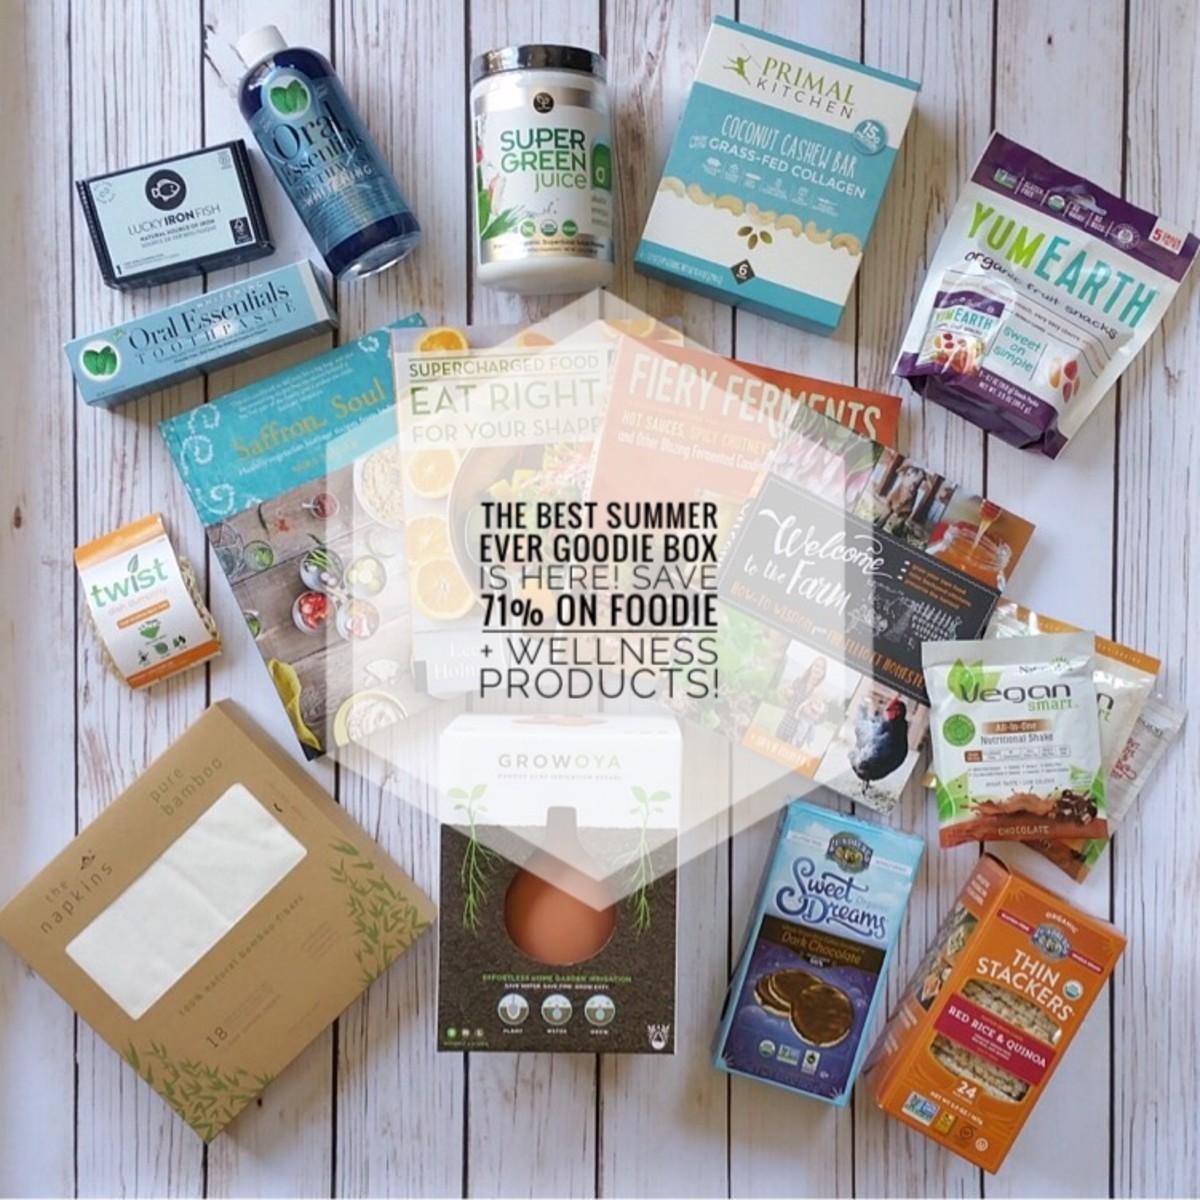 Organic Authority Summer Goodie Box